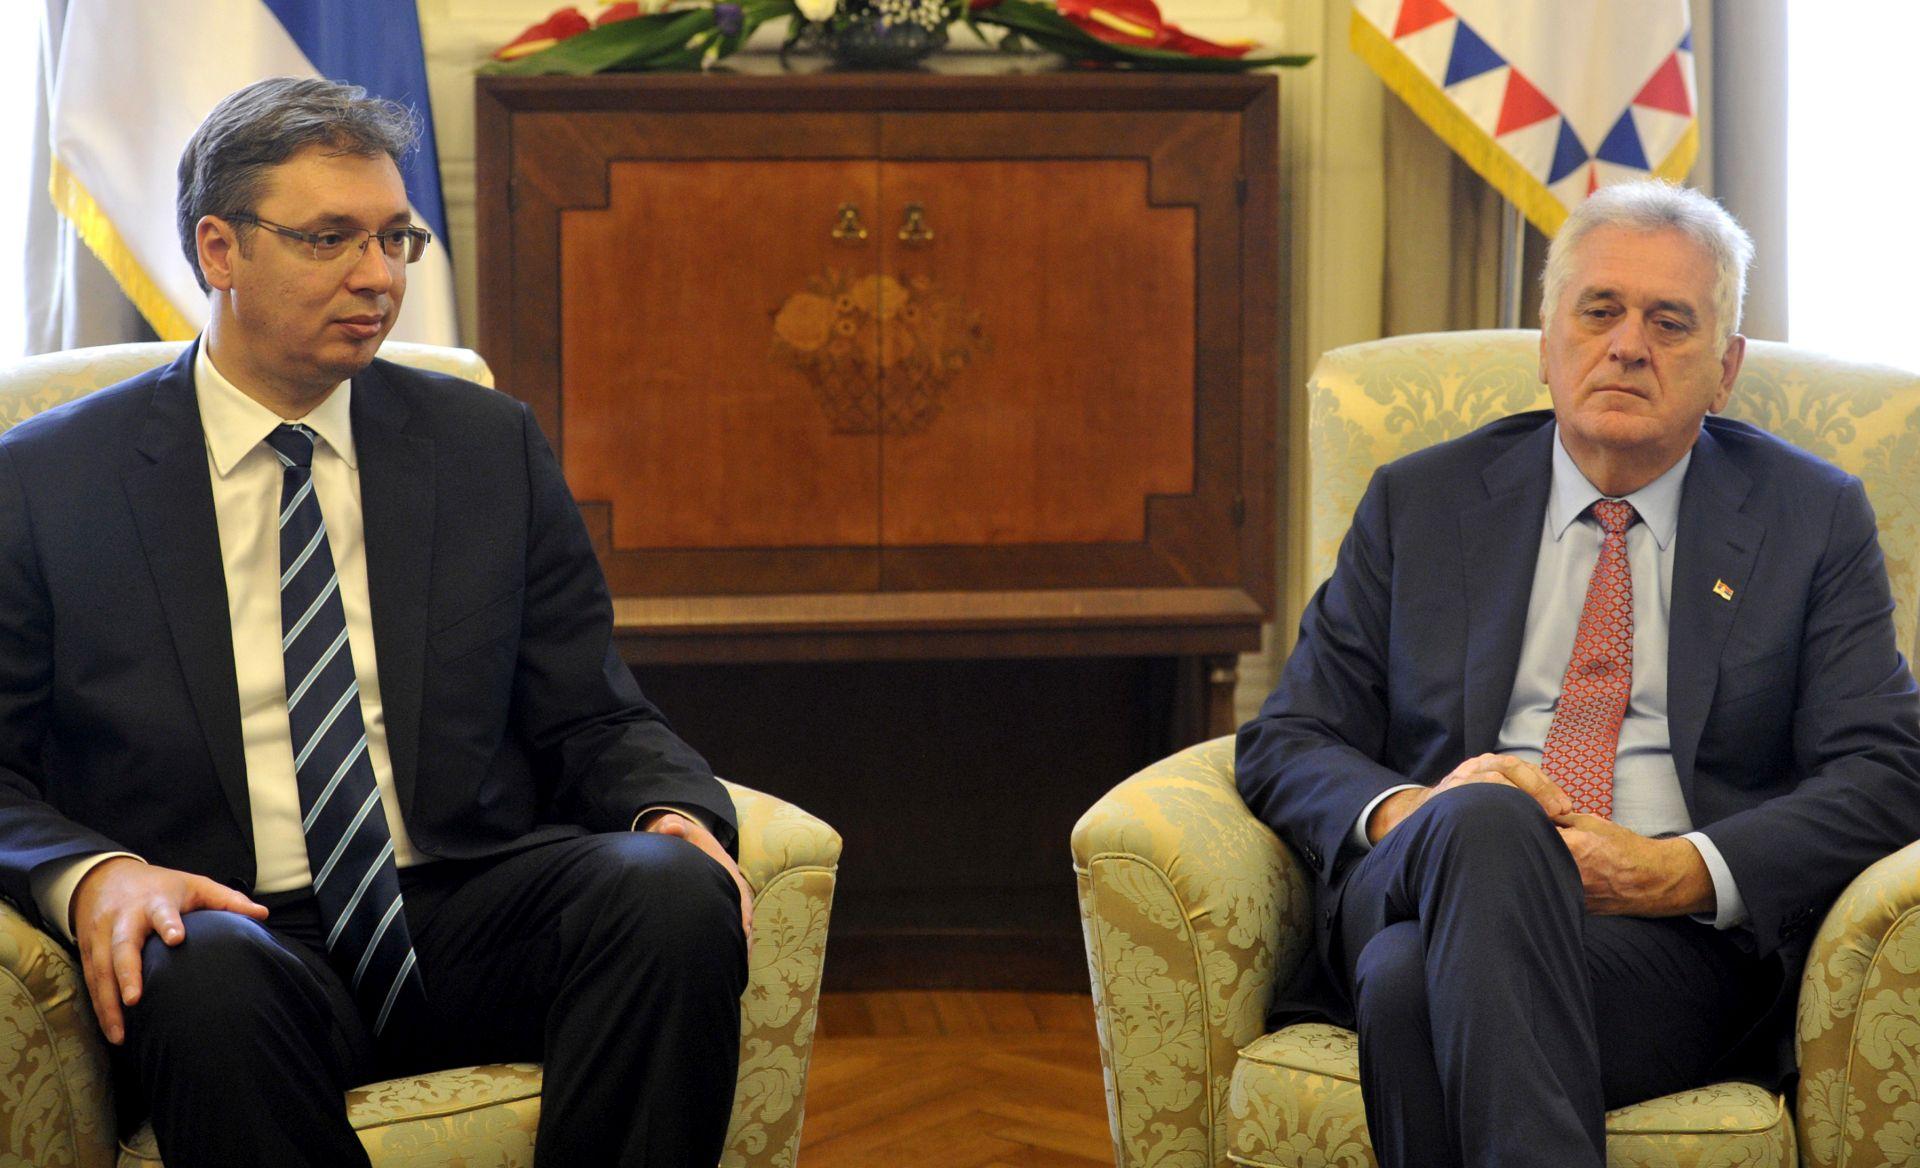 Aleksandar Vučić kandidat za predsjednika Srbije